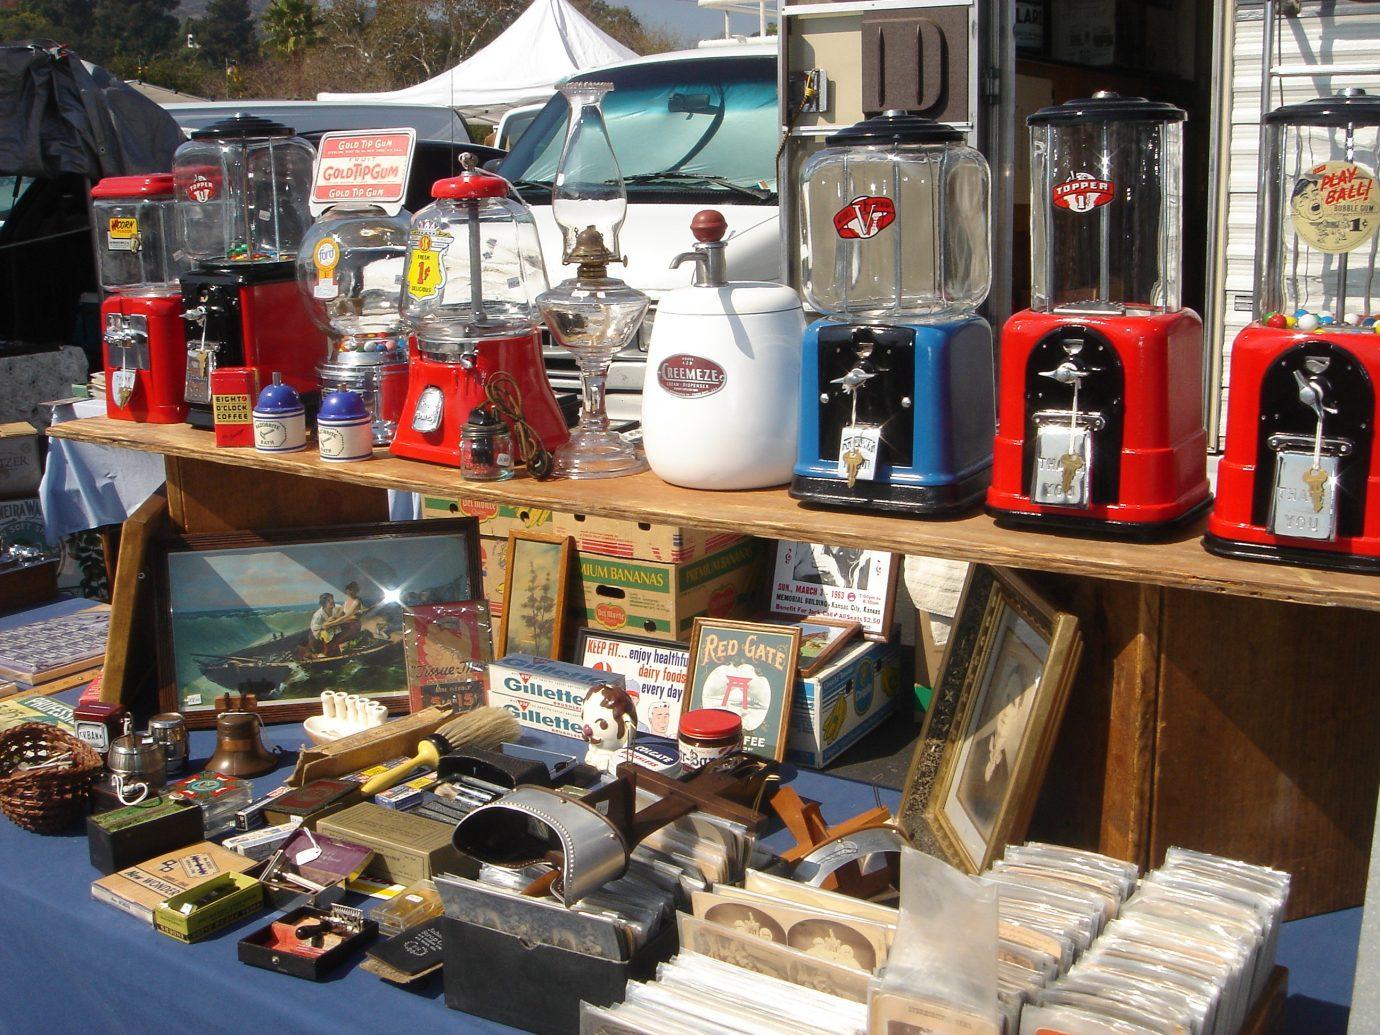 Trip Ideas City public space vendor human settlement market flea market retail several